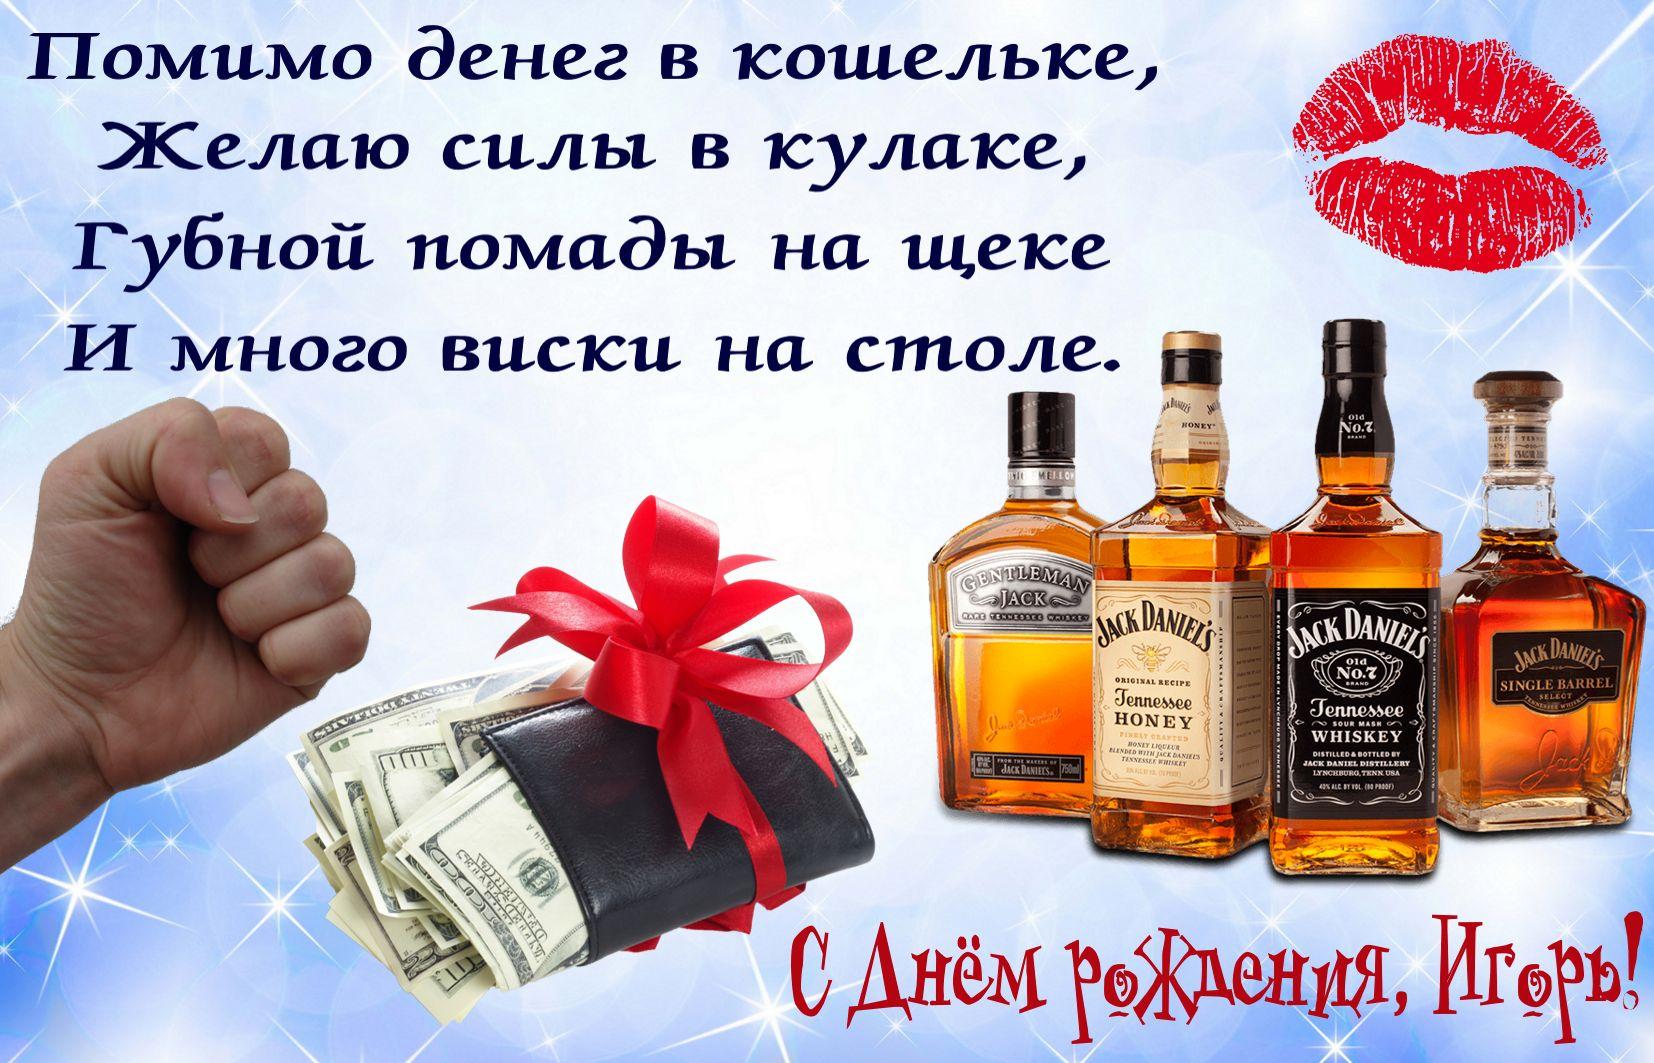 Открытка Игорю - пожелание в стихах на День рождения